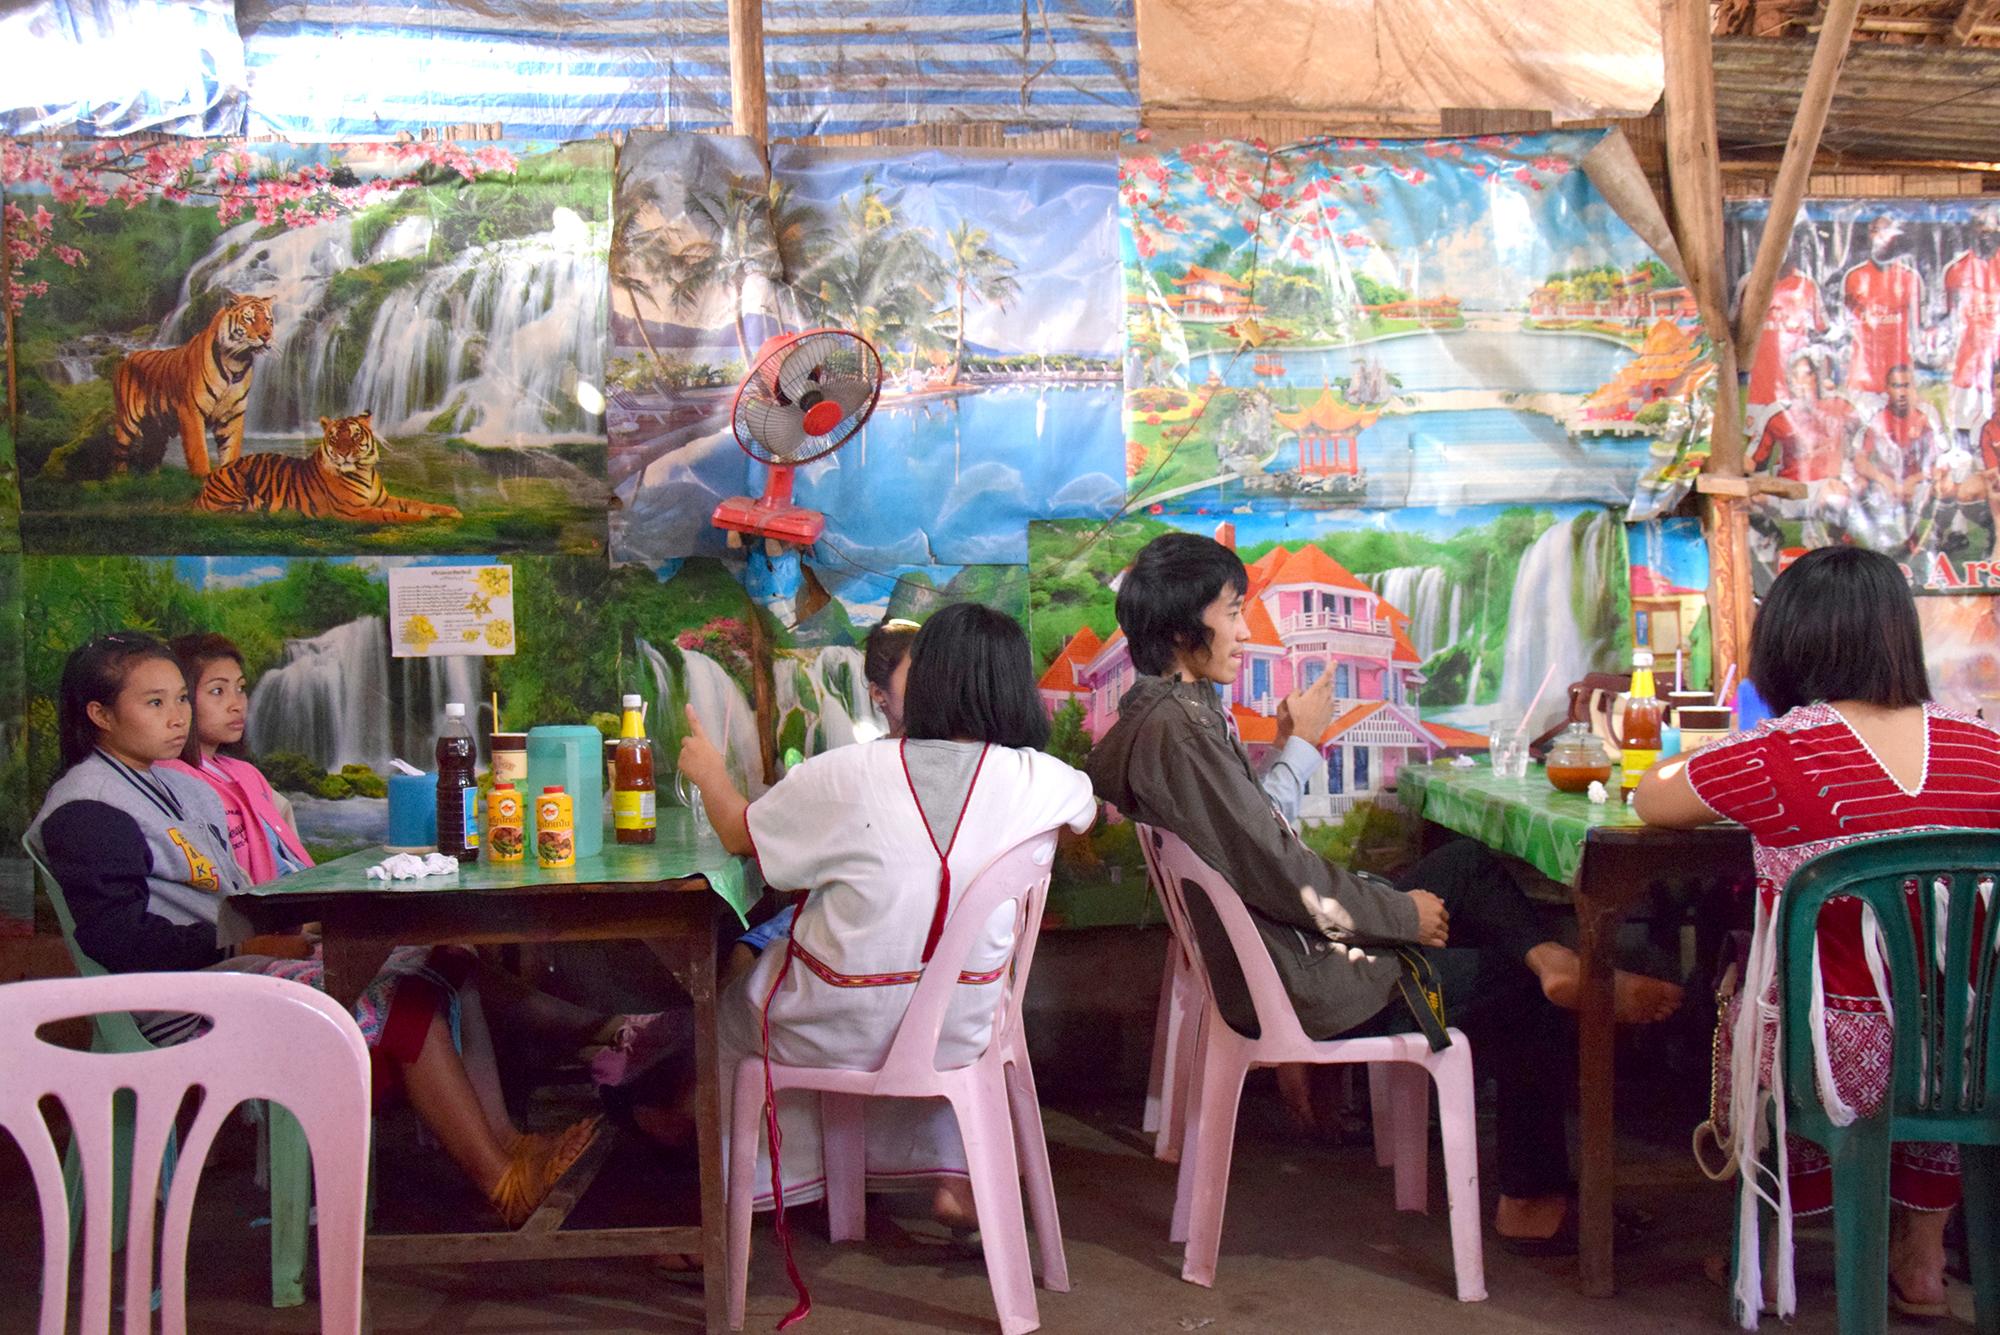 Menschen sitzen vor bunter Kulisse auf rosafarbenen Plastikstühlen. Still aus einer Videoarbeit von Belle Phromchanya.